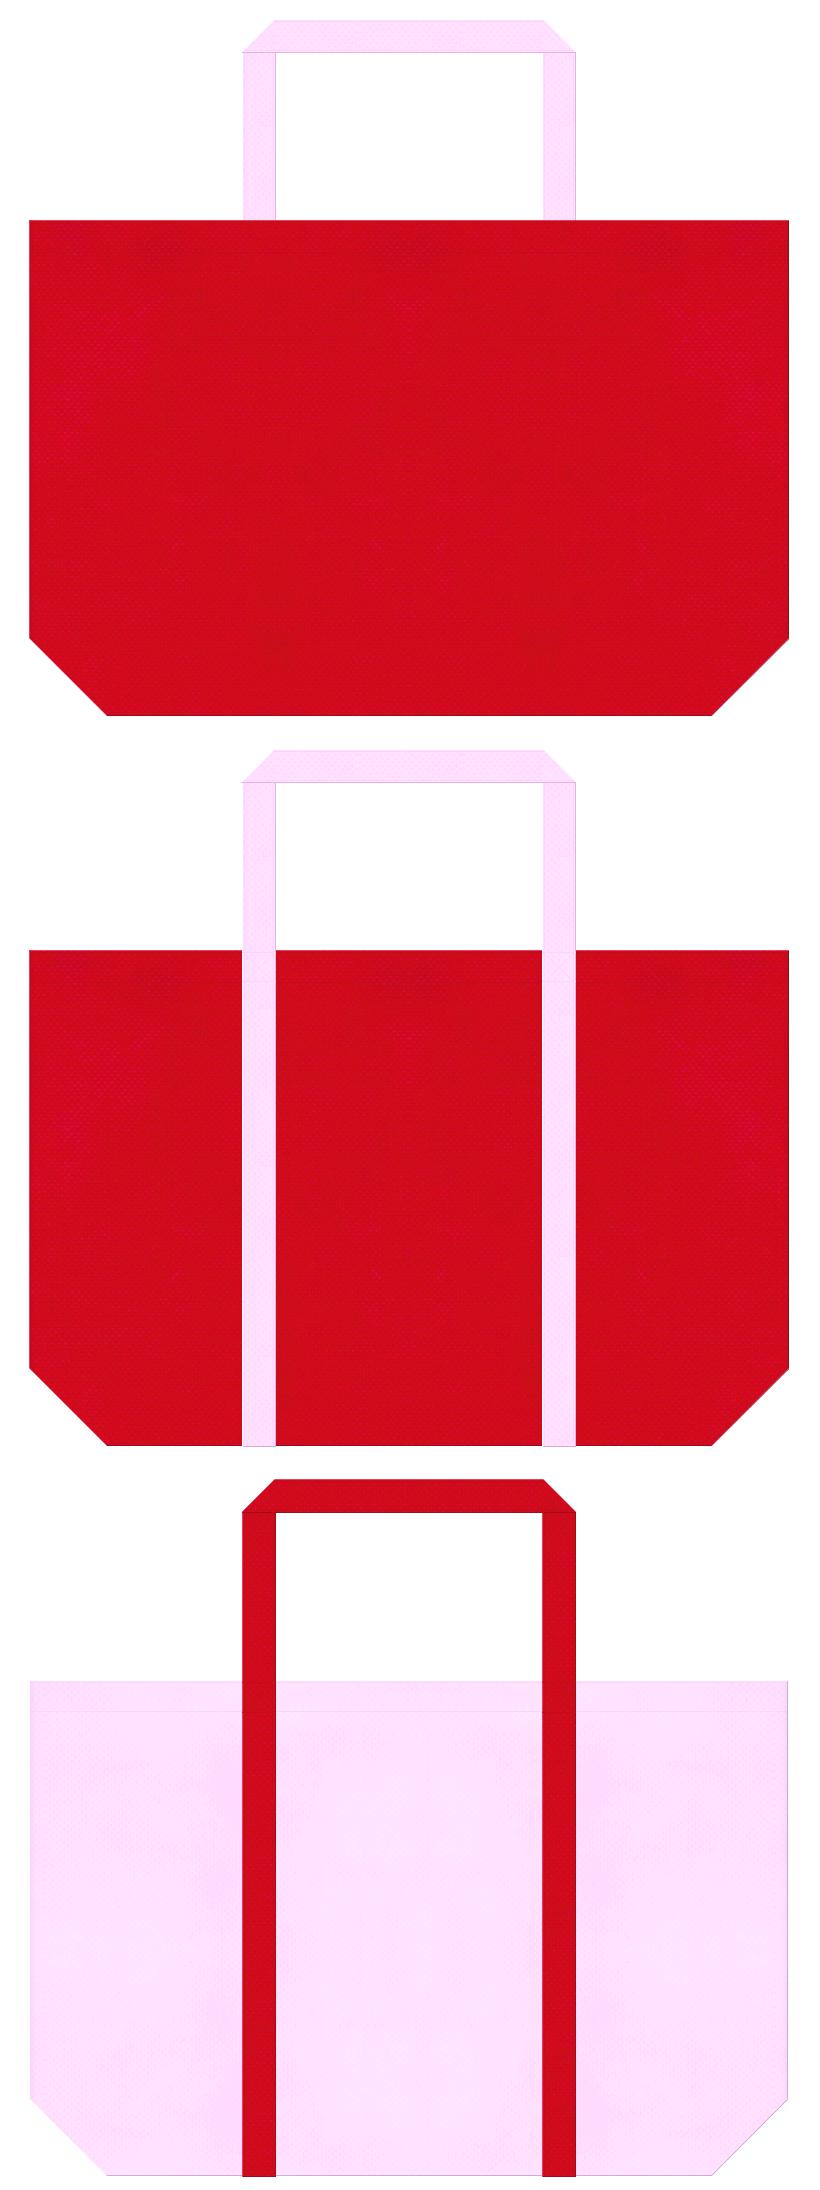 不織布ショッピングバッグのデザイン:紅色と明るいピンク色のコーデ。ひなまつり商品のショッピングバッグにお奨めの配色です。